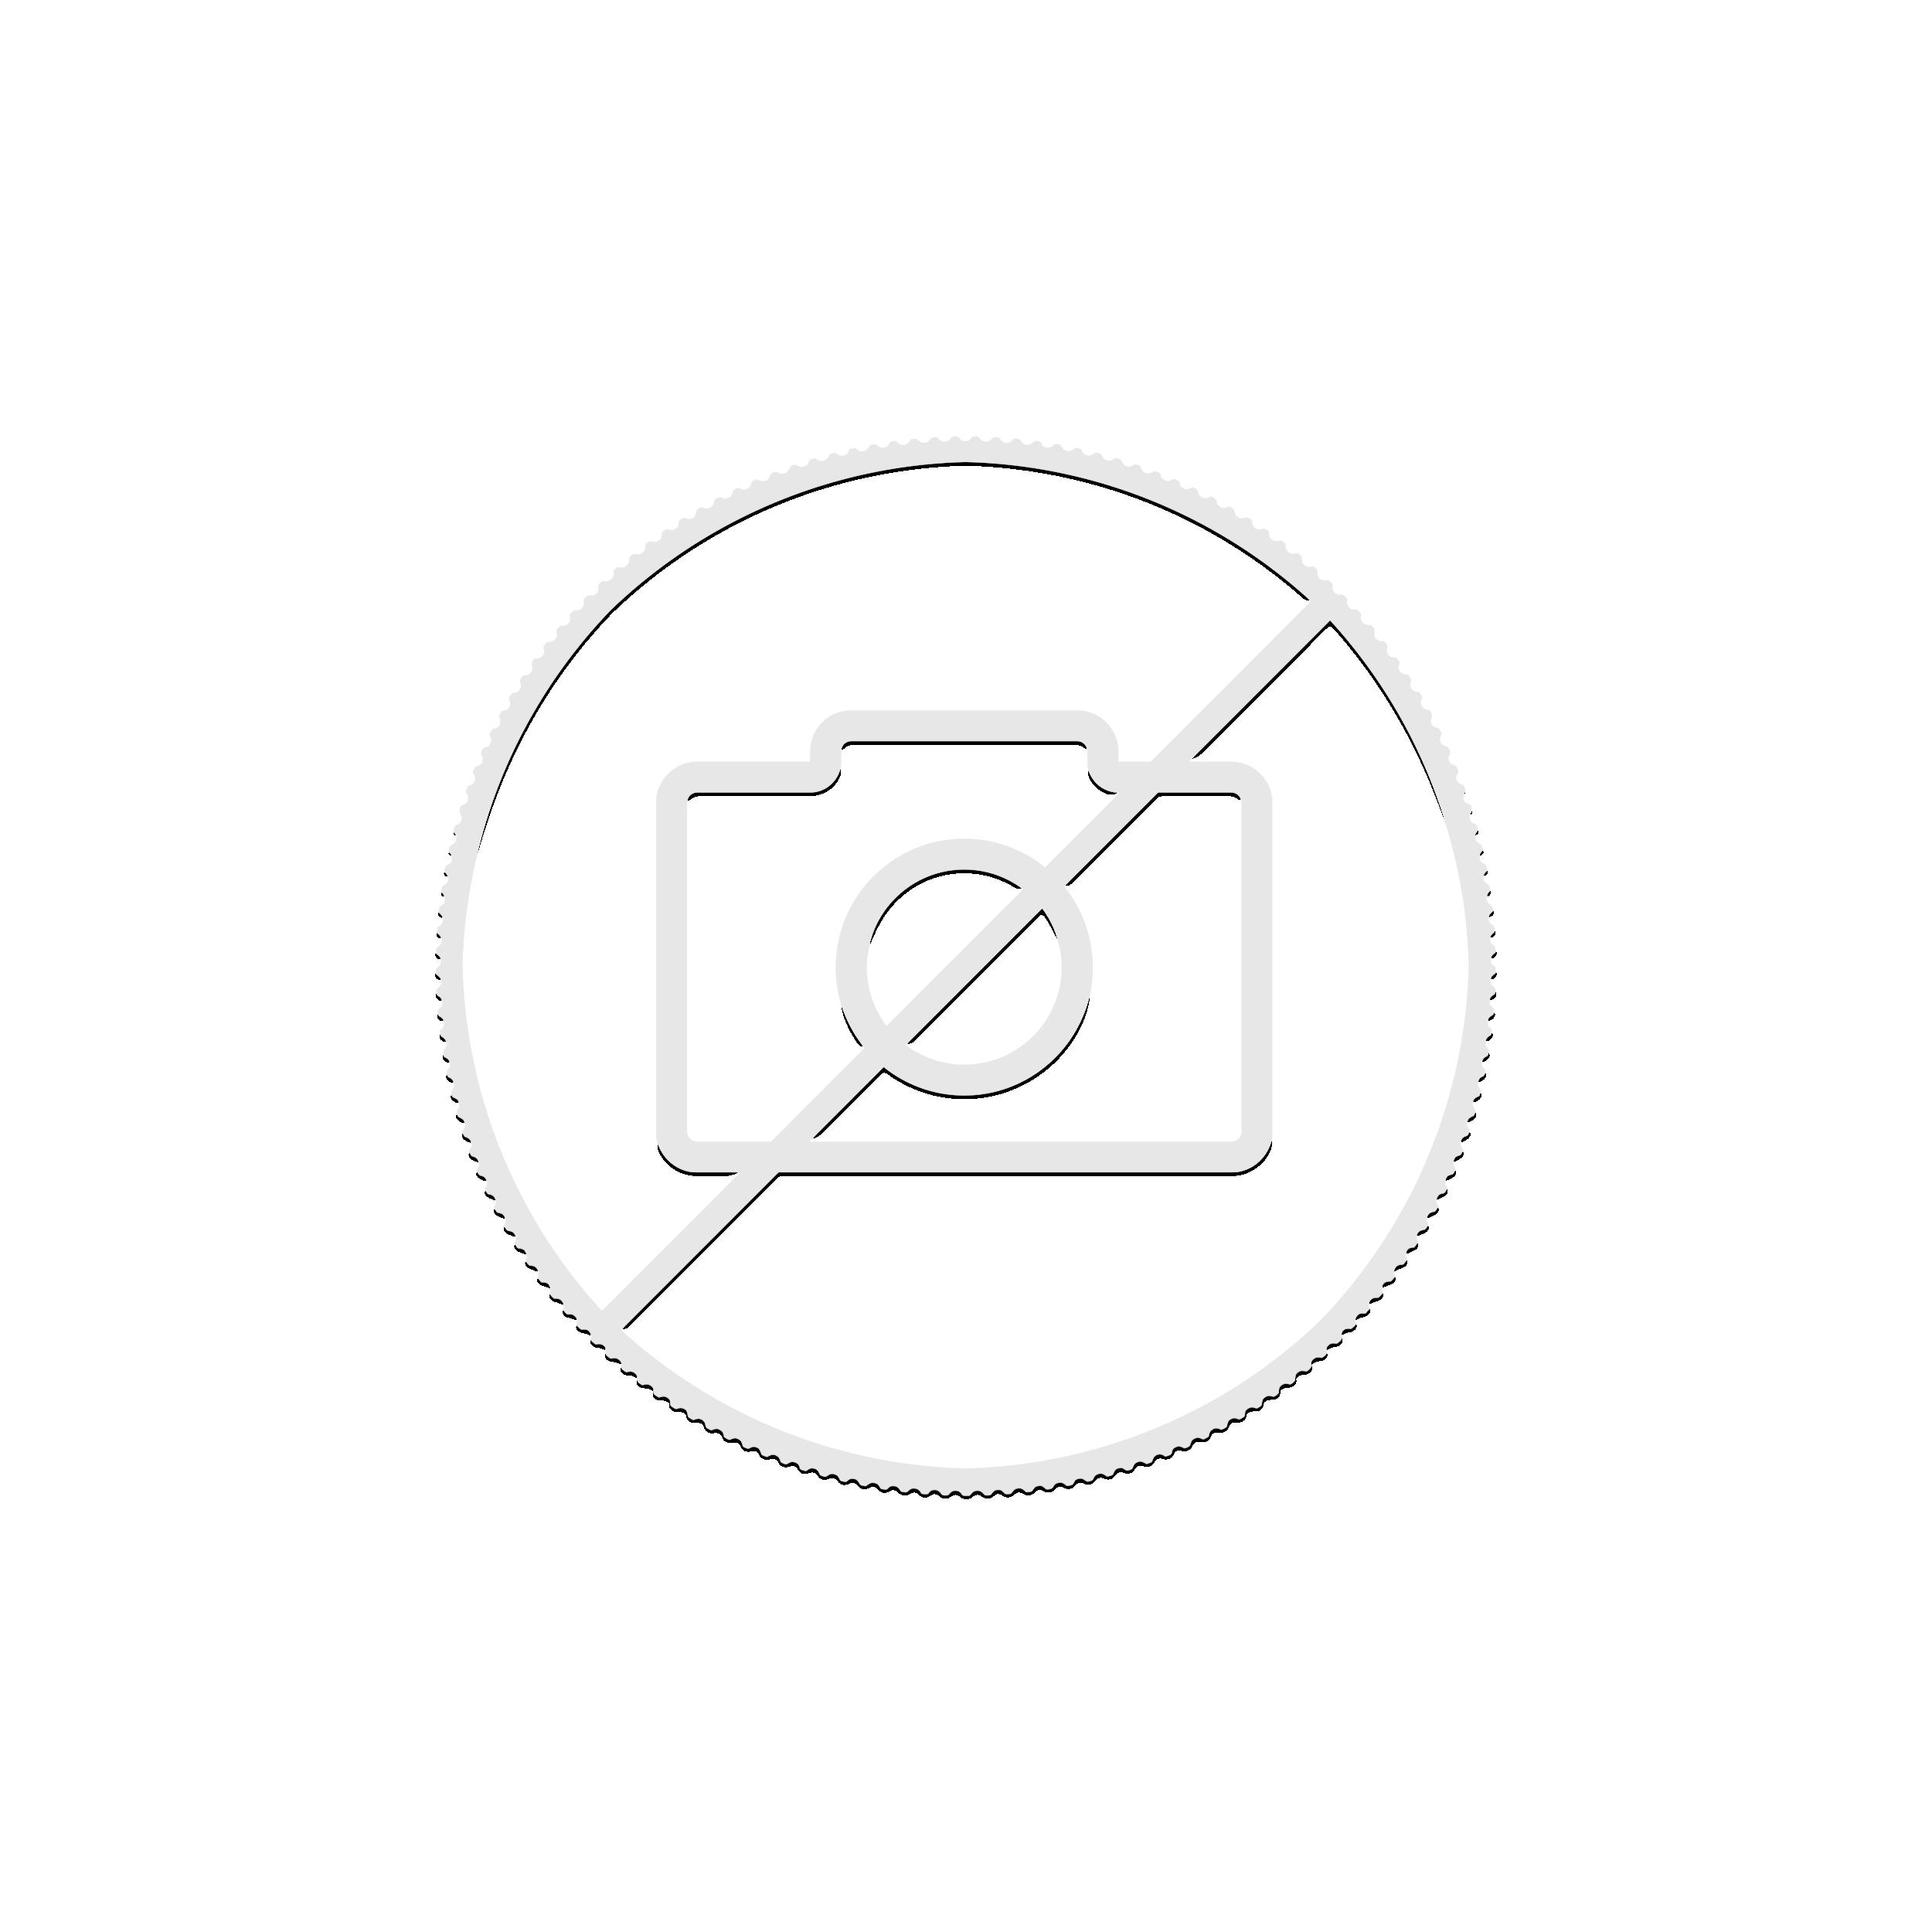 De Weerwolf - The Werewolf voorkant